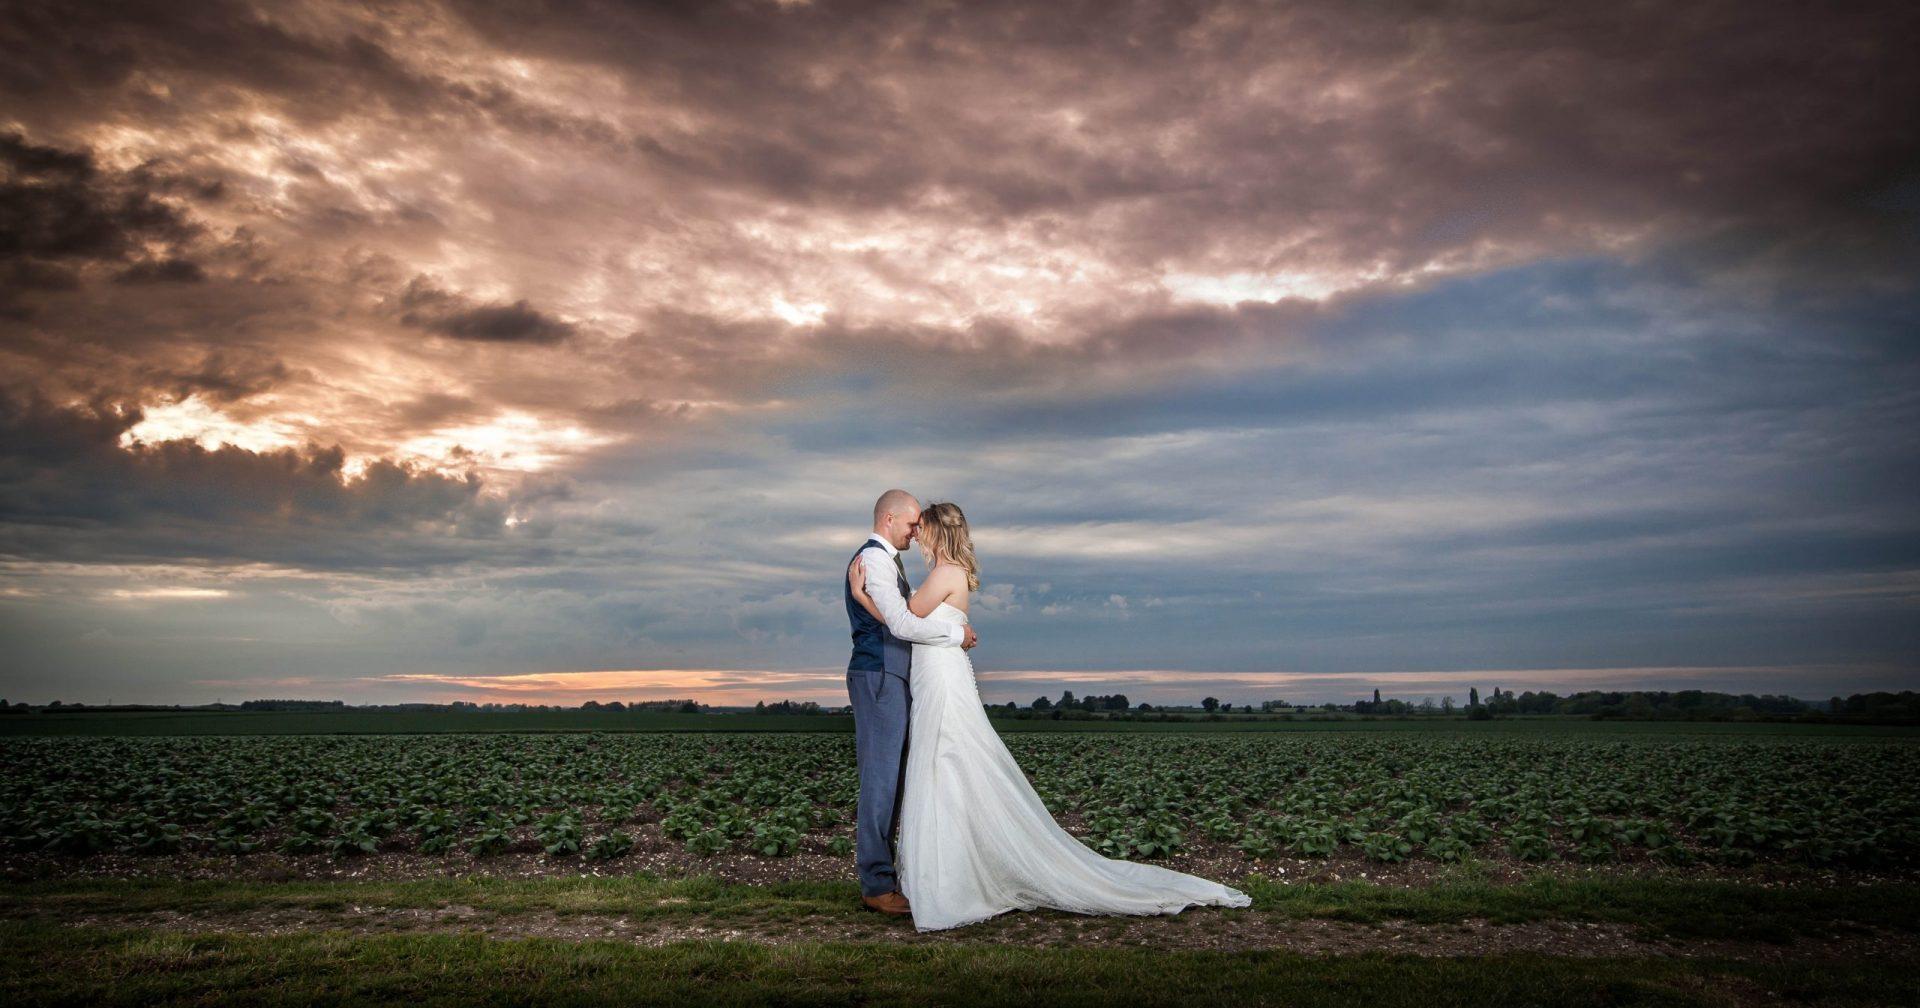 #weddingphotographerinleedsandyorkshire